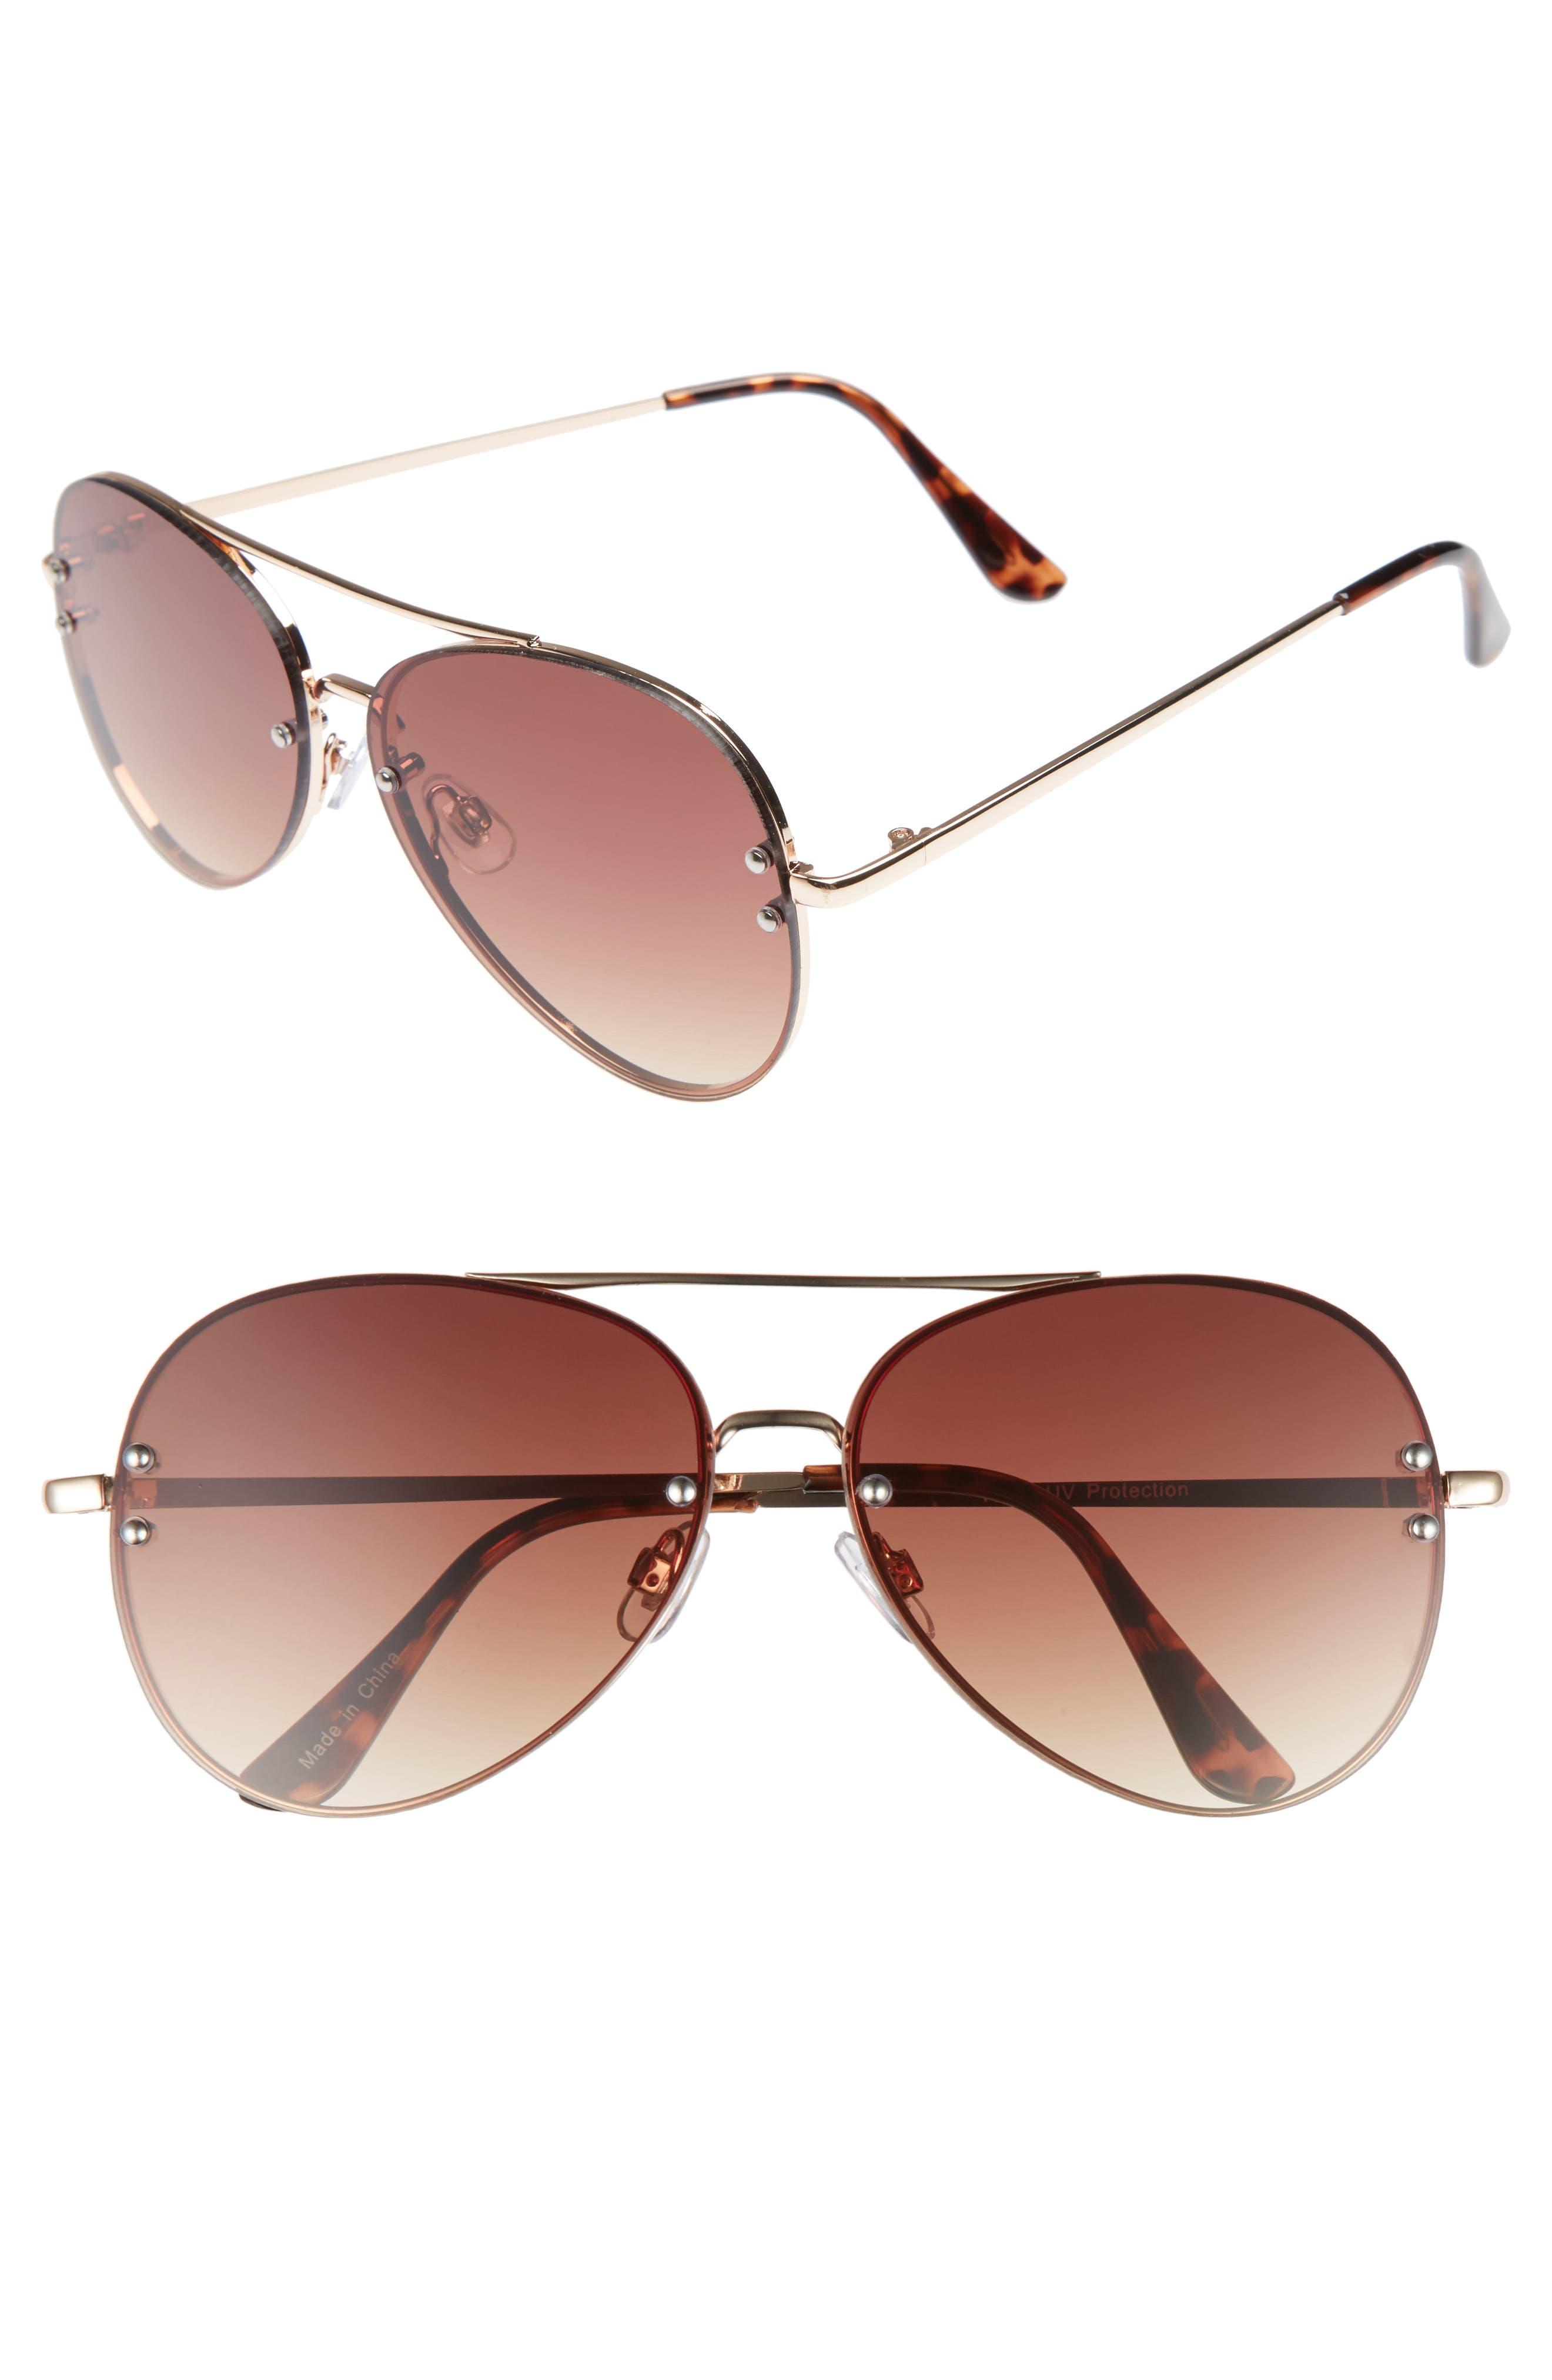 BP. 60mm Oversize Mirrored Aviator Sunglasses